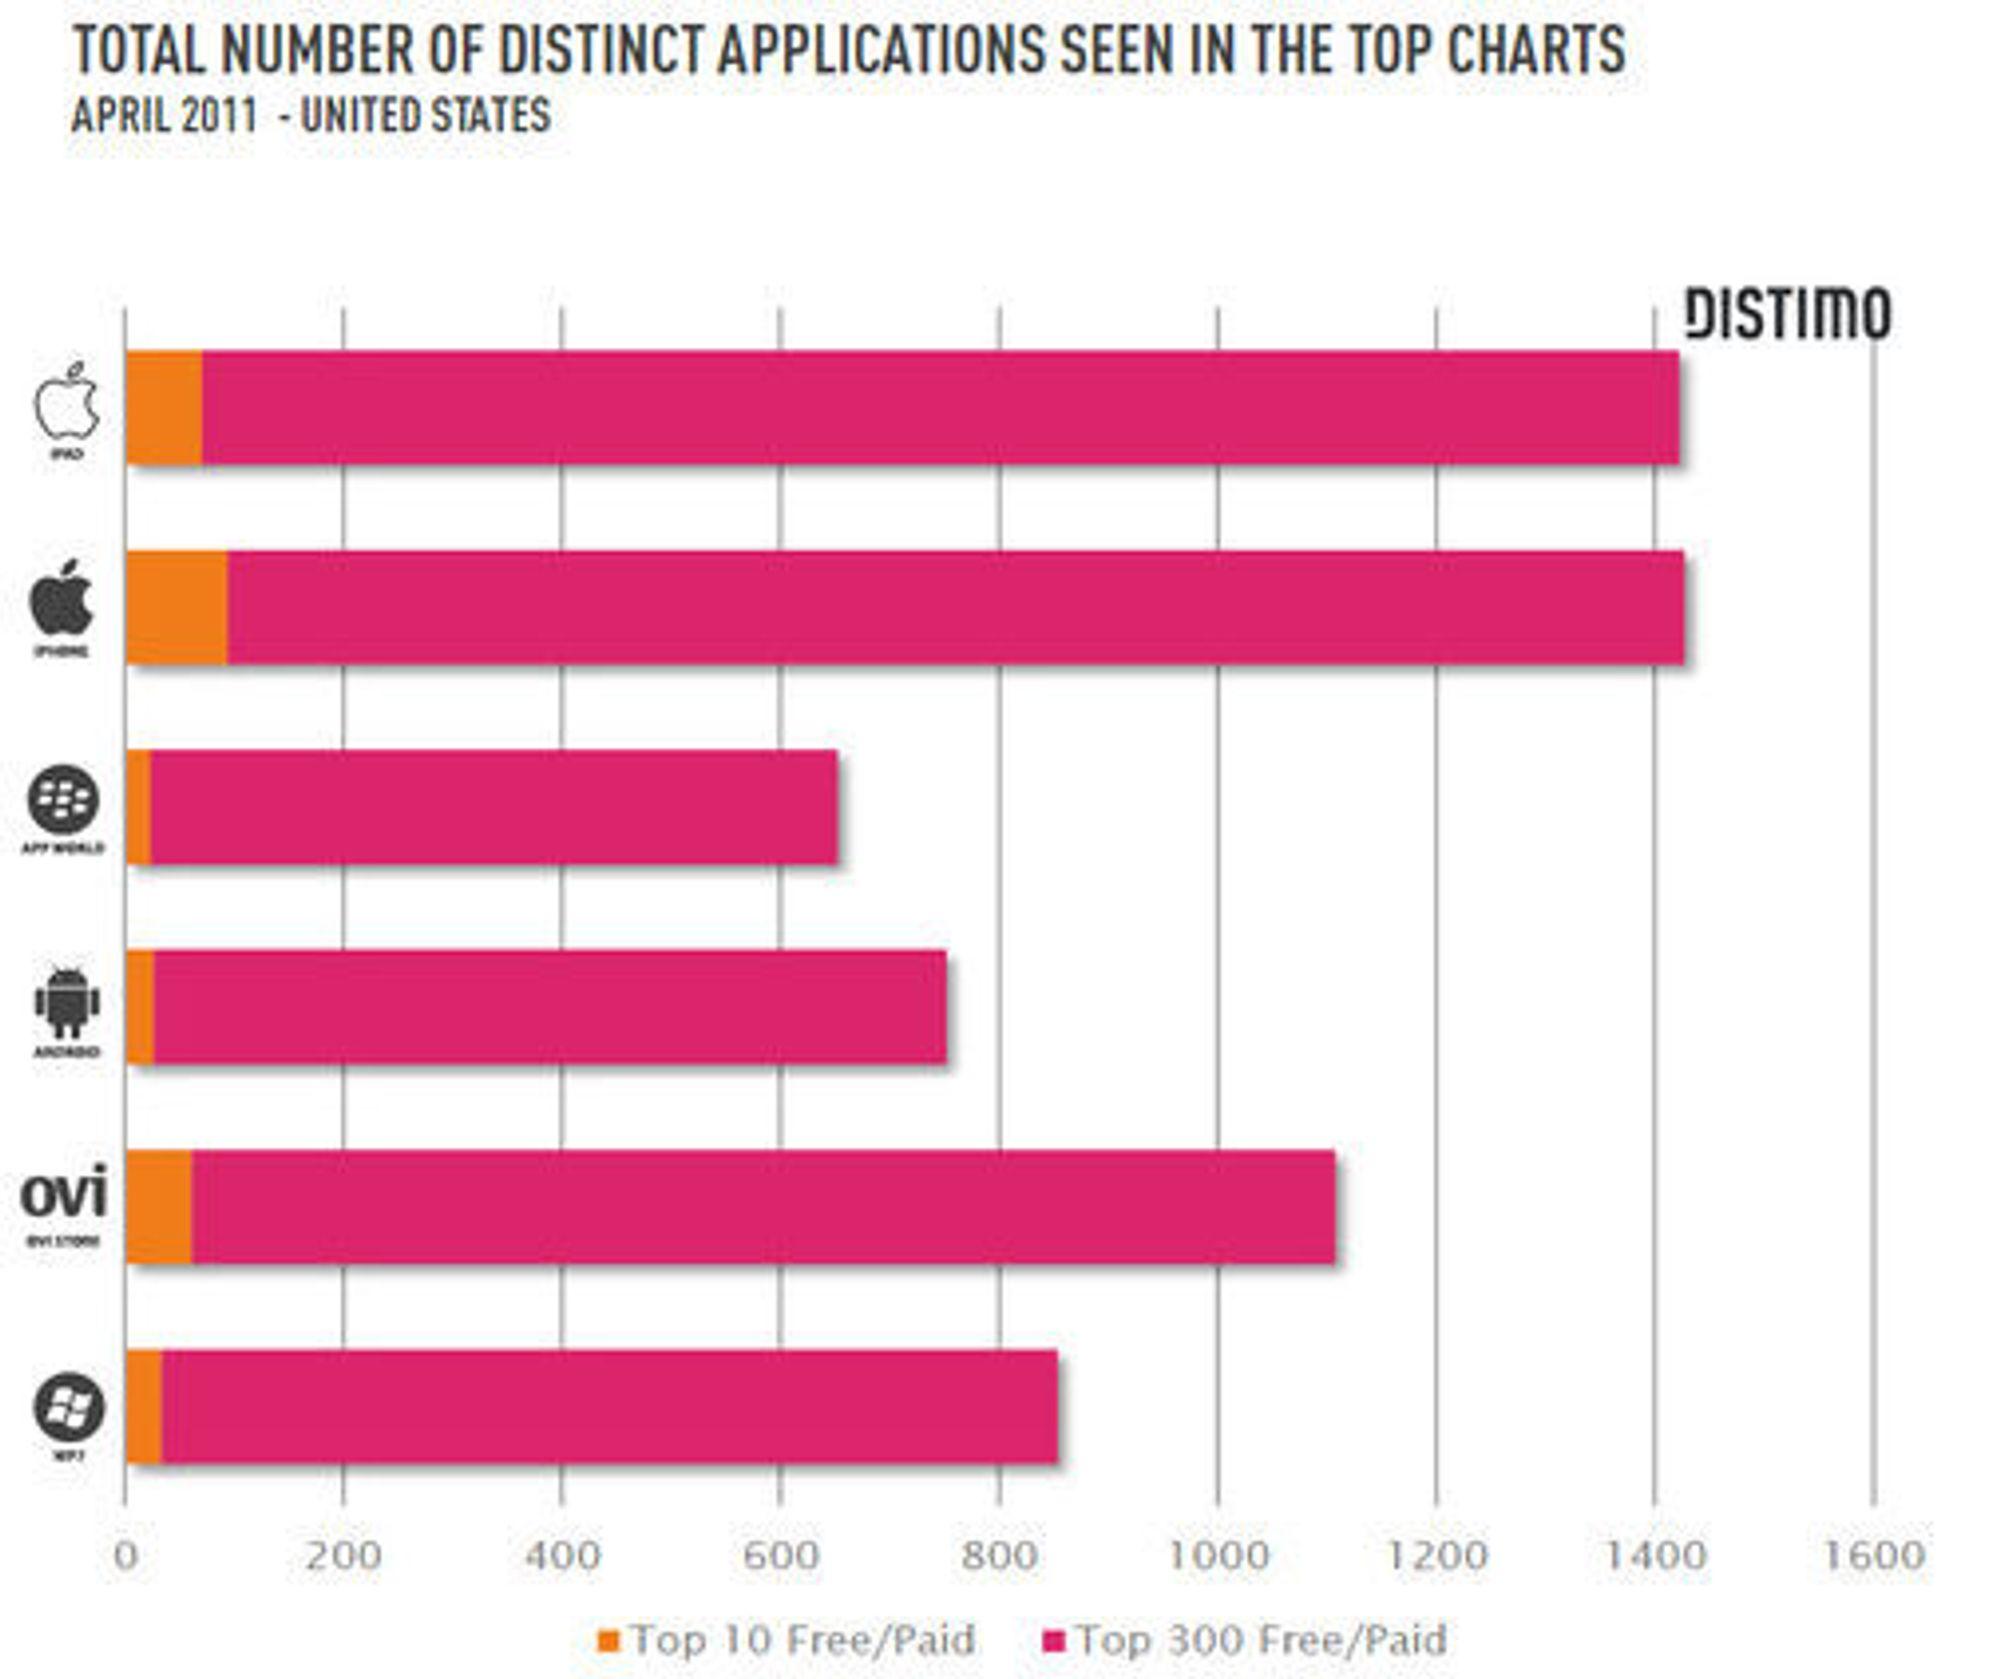 Antallet forskjellige applikasjoner som har vært innom topp 10- og topp 300-listene til de offisielle markedsplassene til iPad, iPhone, BlackBerry, Android, Nokia/Symbian og Windows Phone. Tallene gjelder for USA i april 2011.